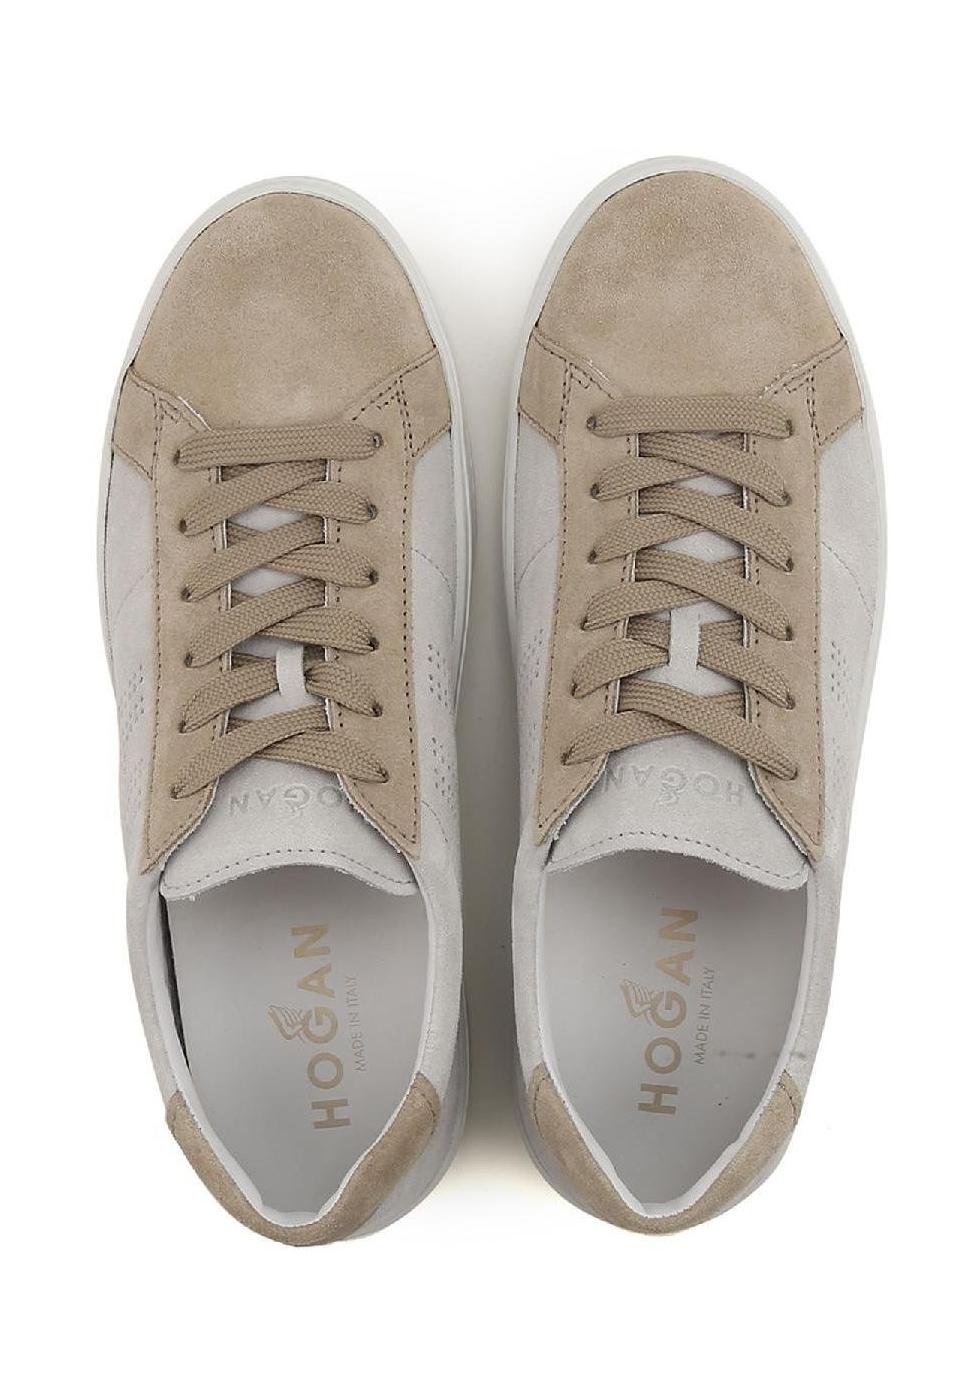 Hogan H302 Herren Sneaker Schuhe in beige Wildleder - Italian Boutique 6dfbc390e15